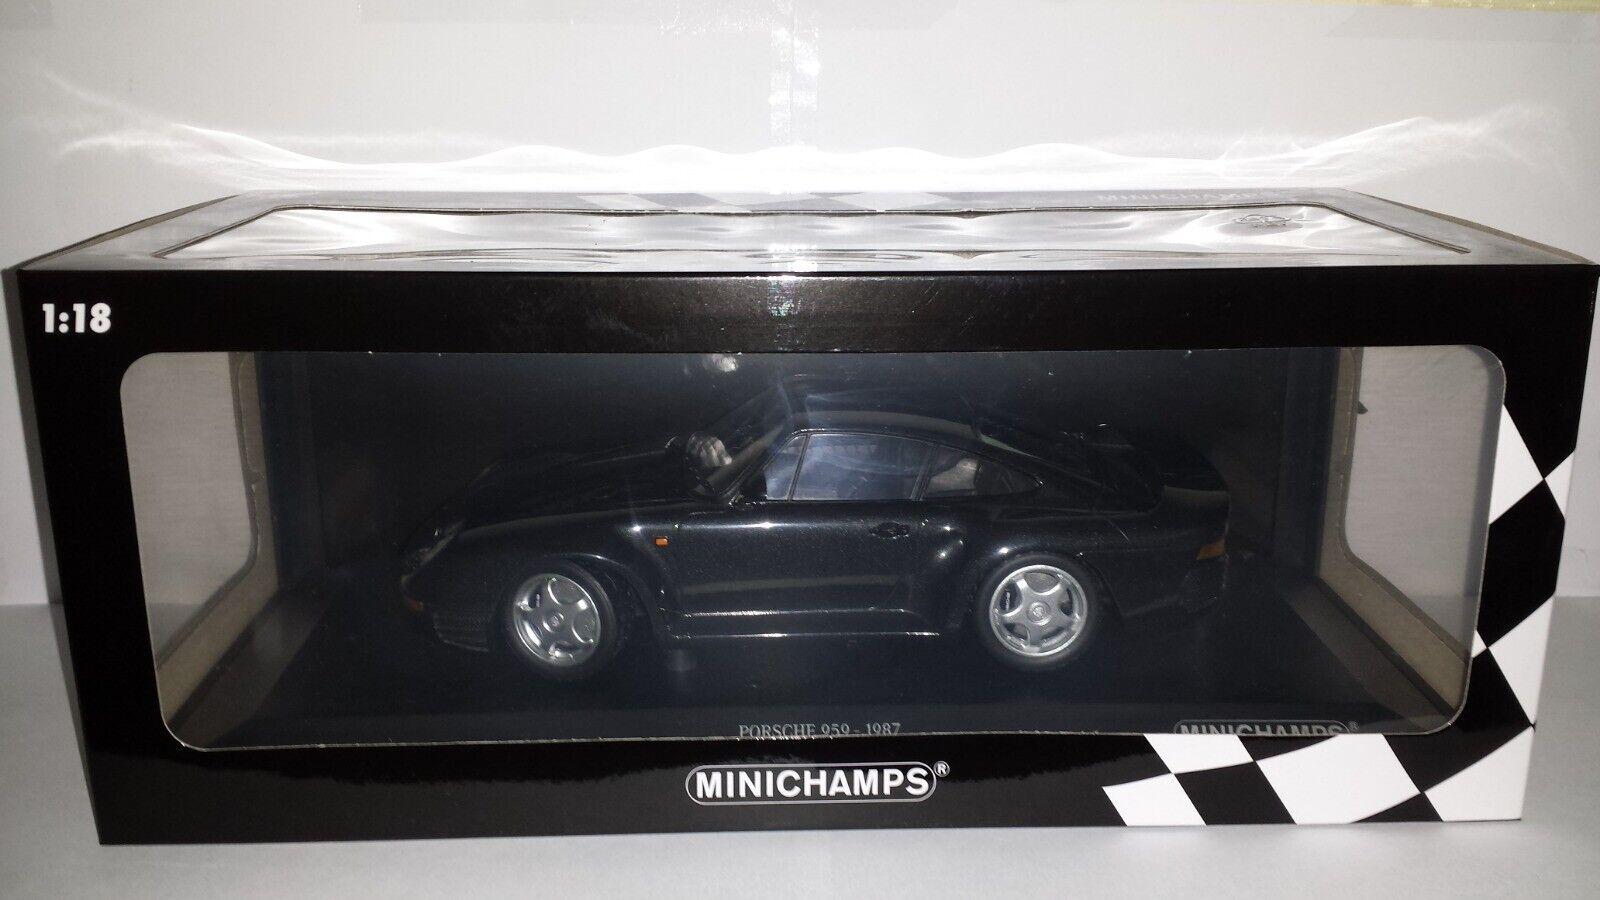 Minichamps  1 18 Porsche 959 1987 grijsmetallic nieuw in doos  économisez 60% de réduction et expédition rapide dans le monde entier